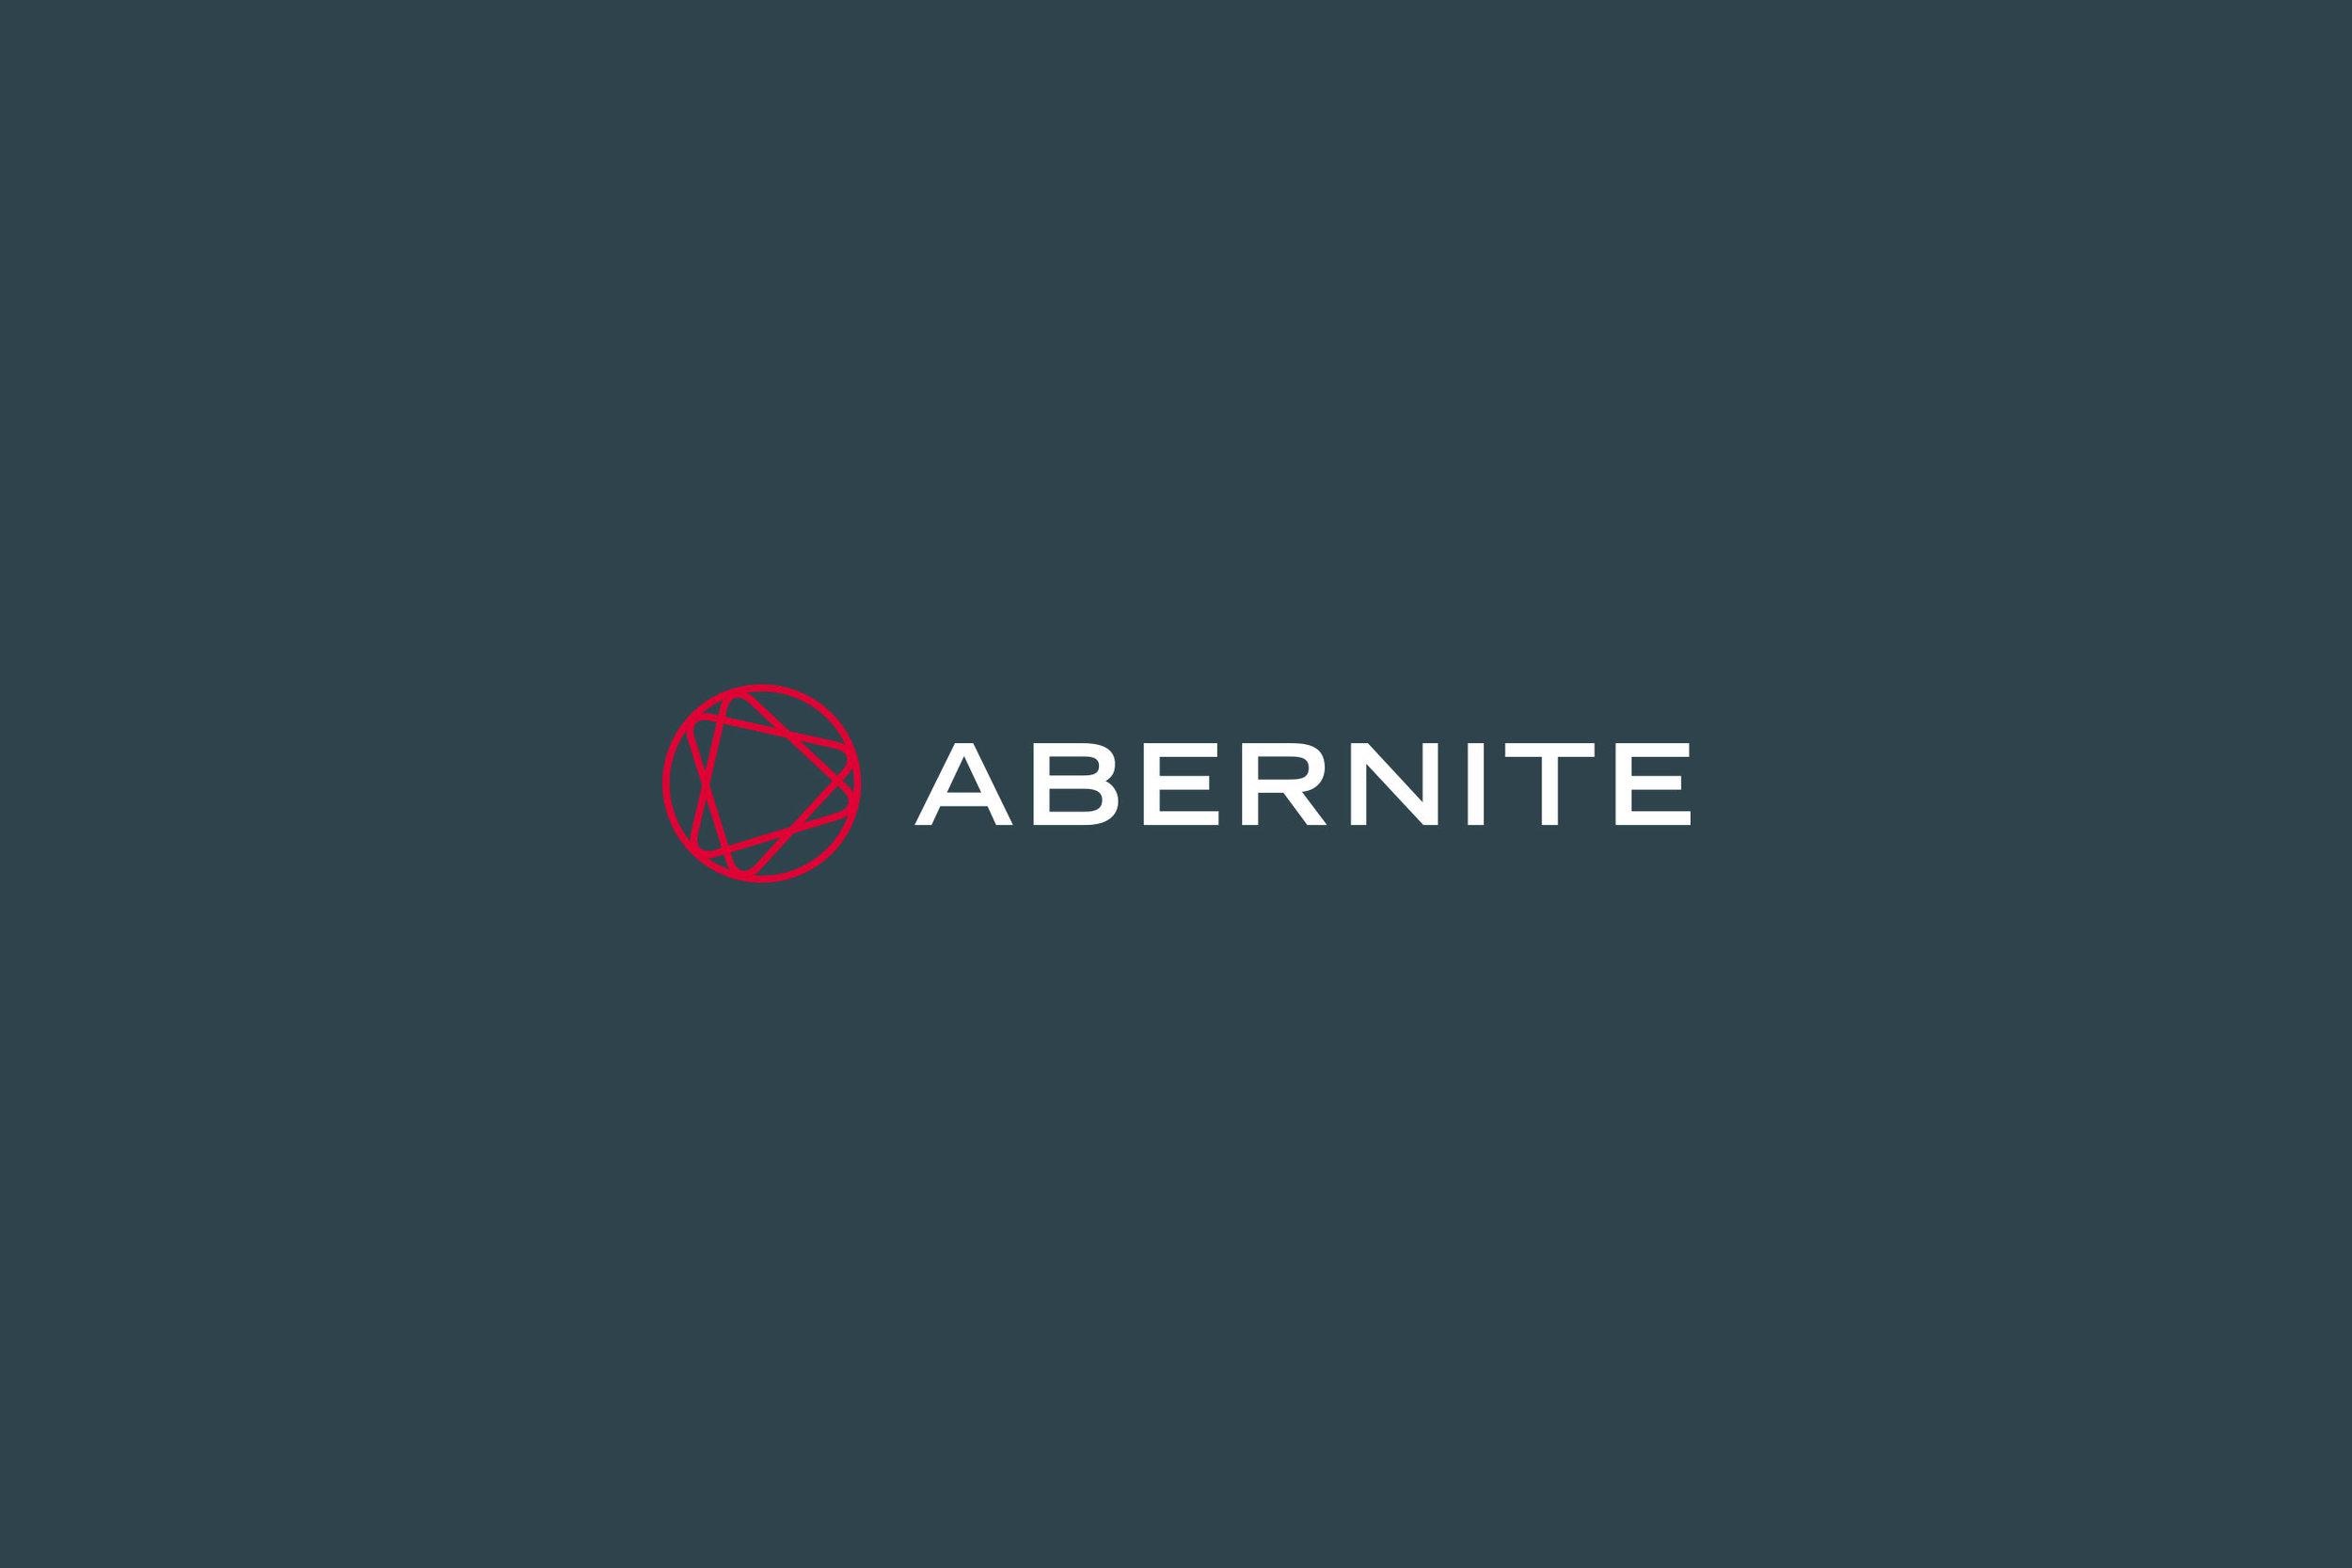 Abernite-Canvas-v2-1.jpg